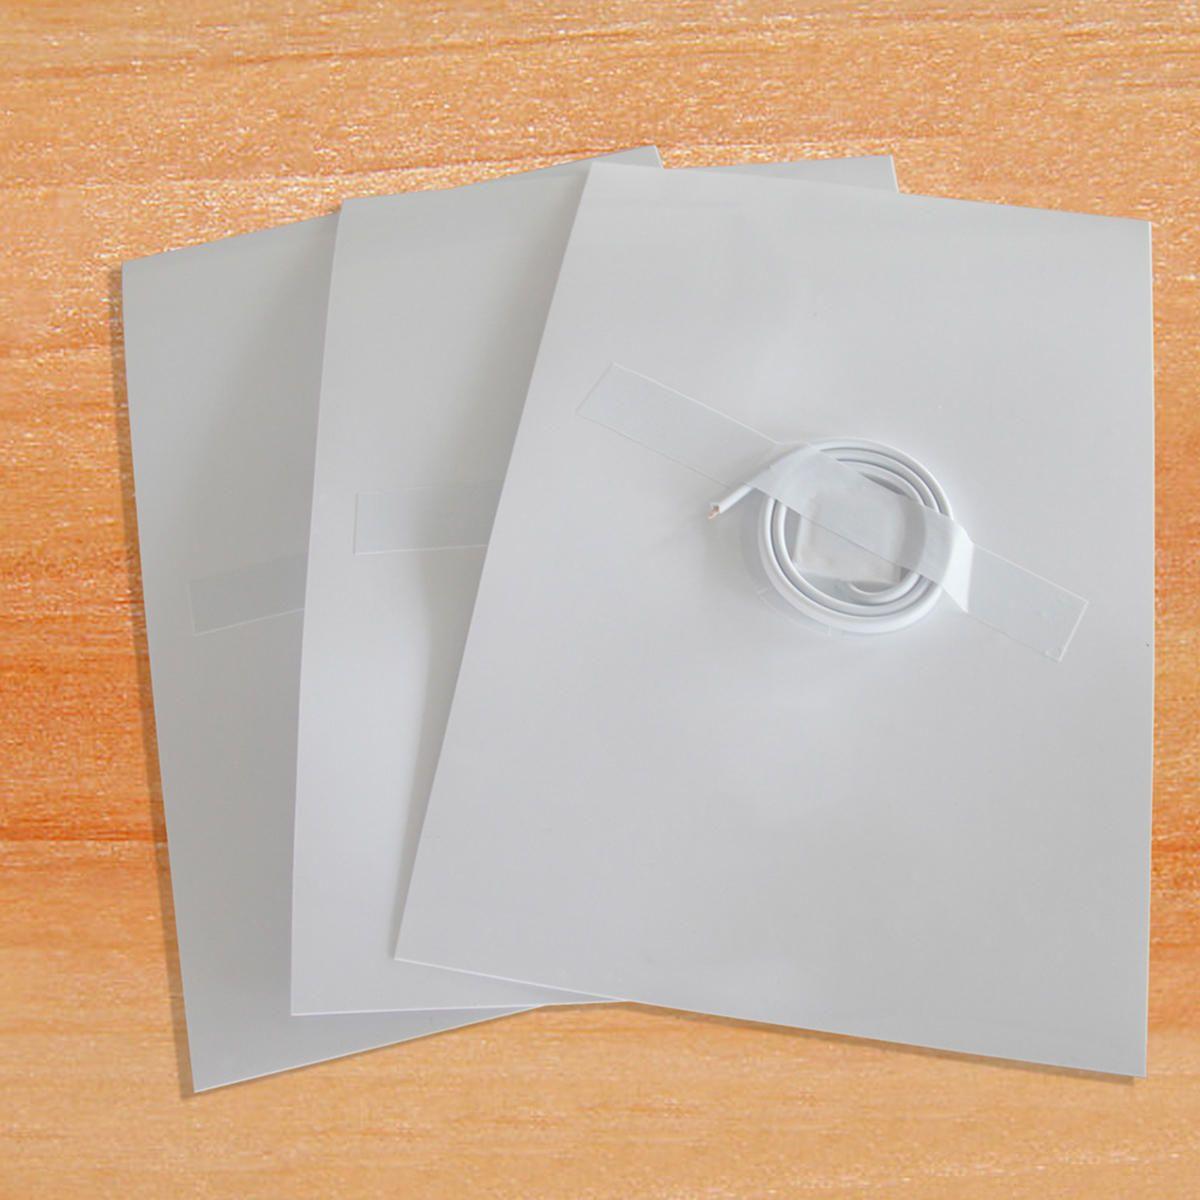 Us 6 00 110v 220v 240v Mirror Heating Pad Demister Defogger